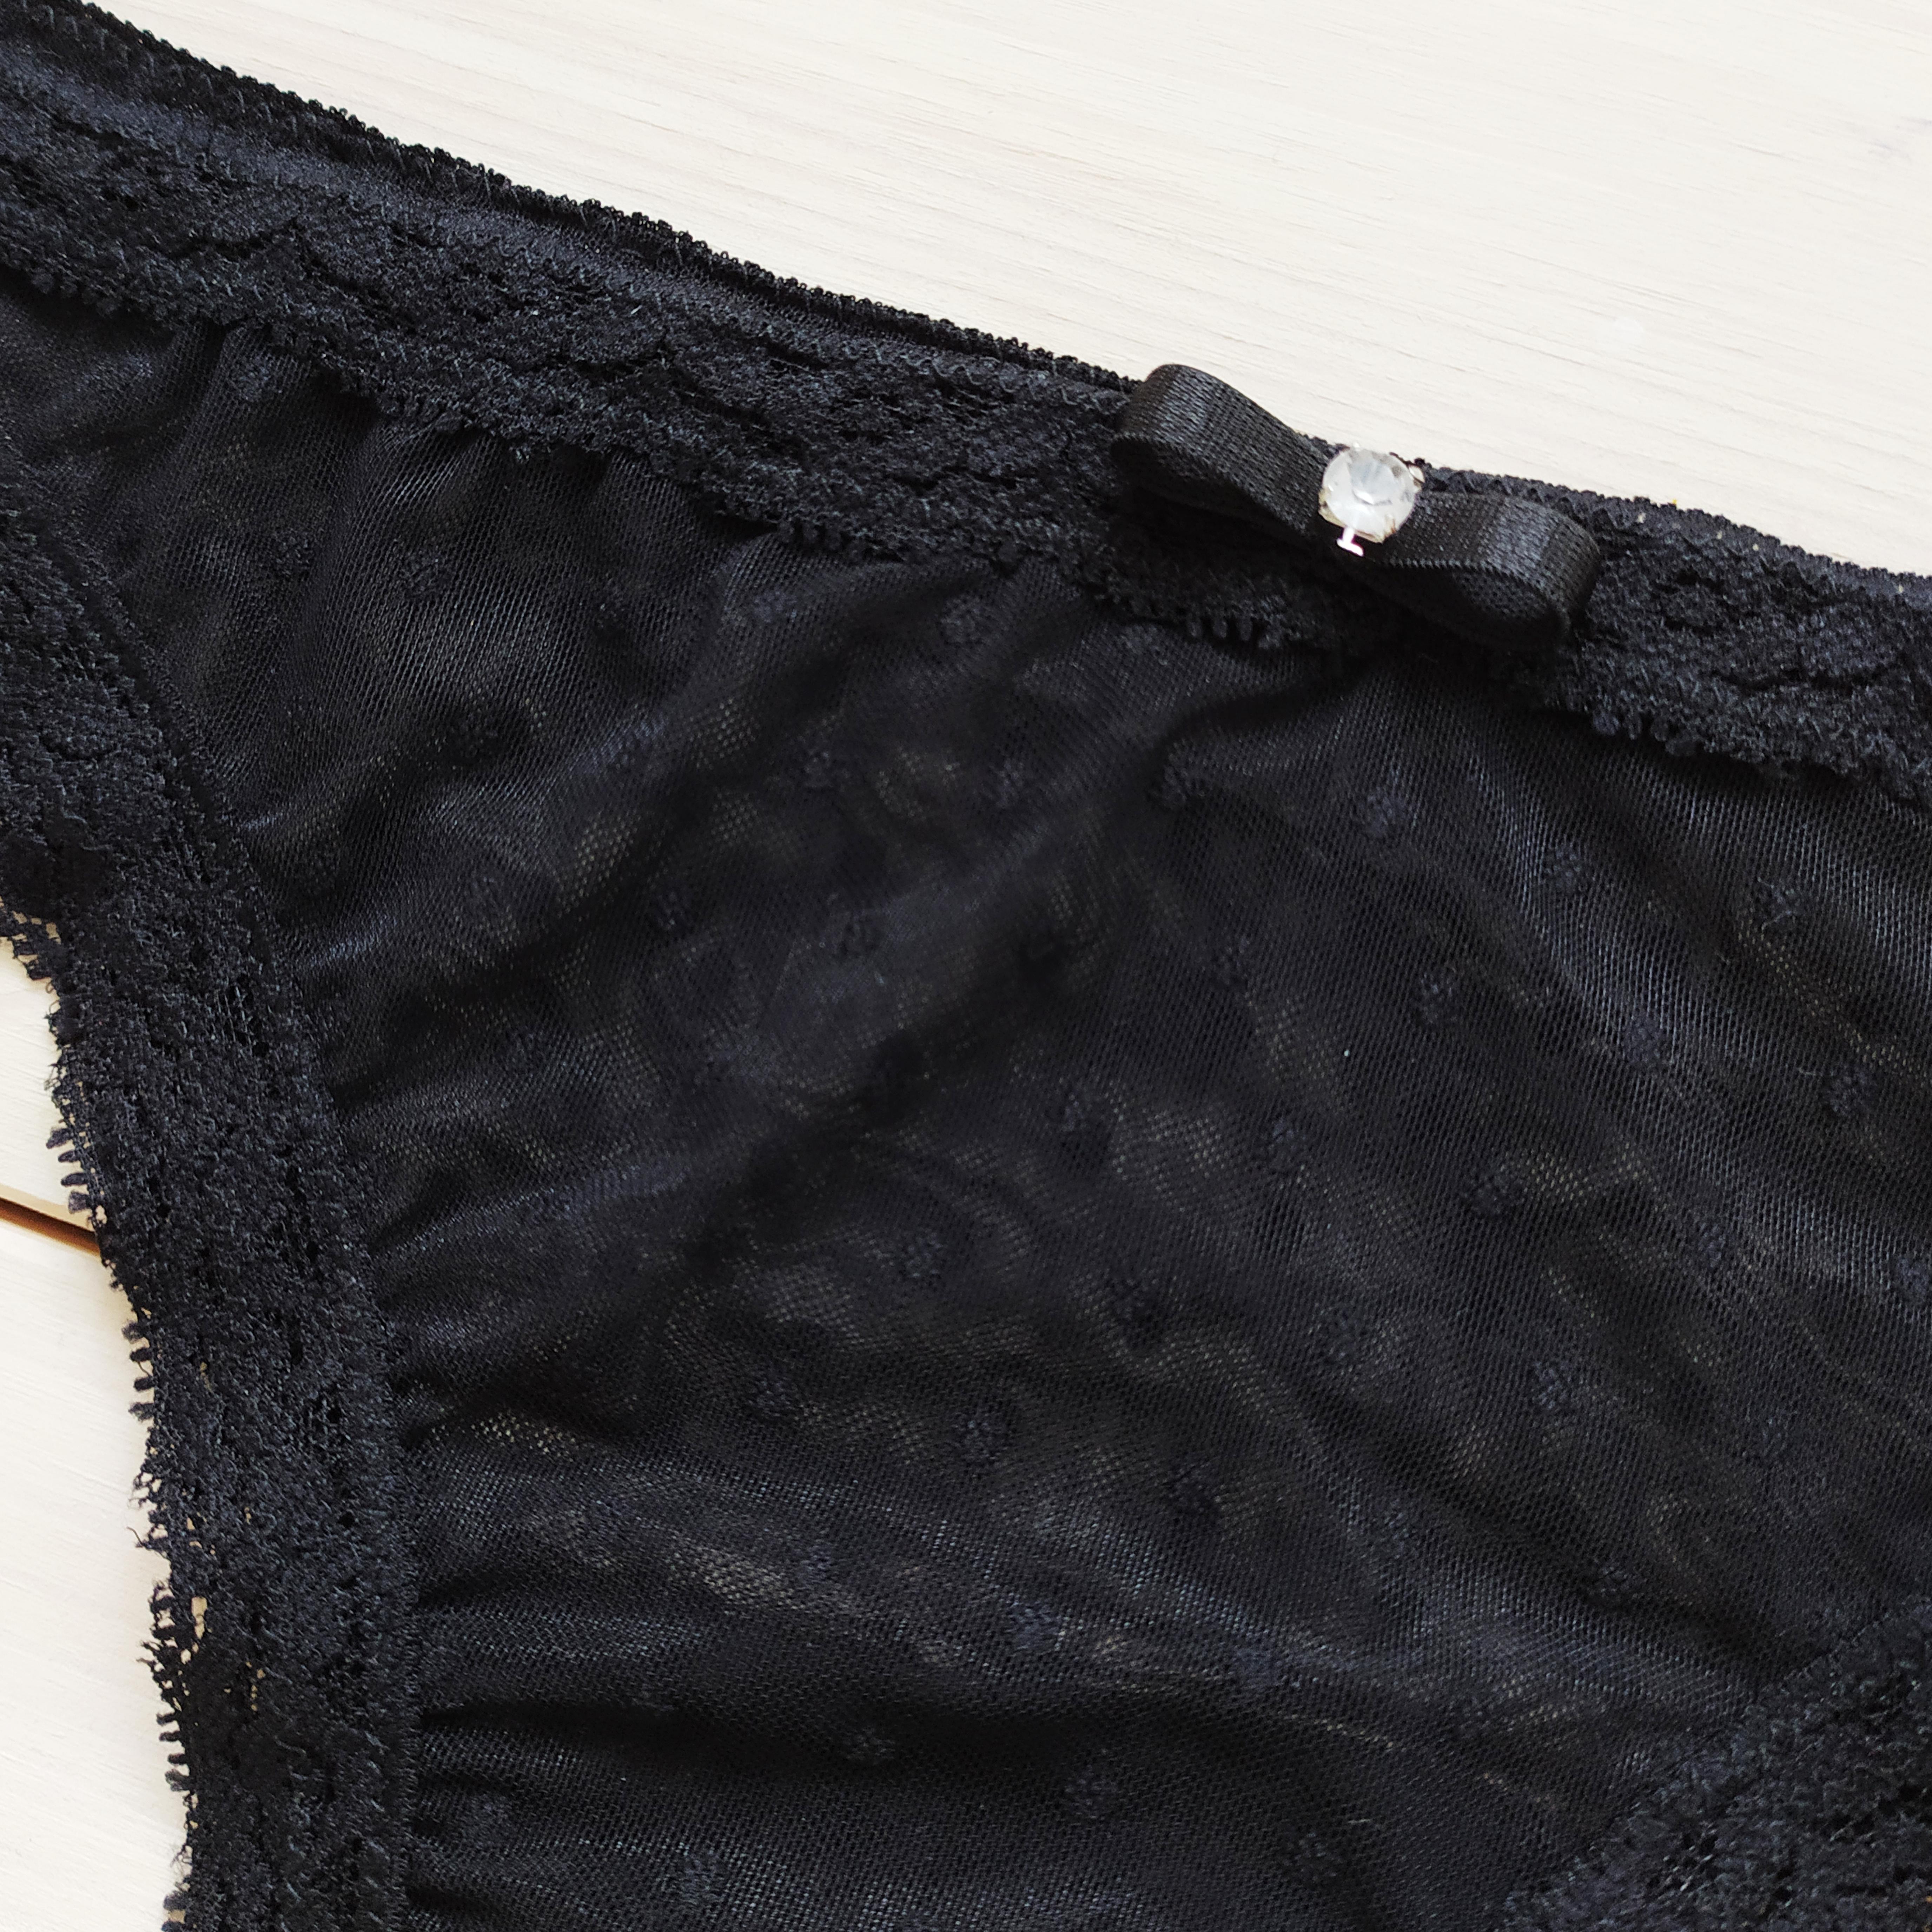 Kalhotky s puntíky černé